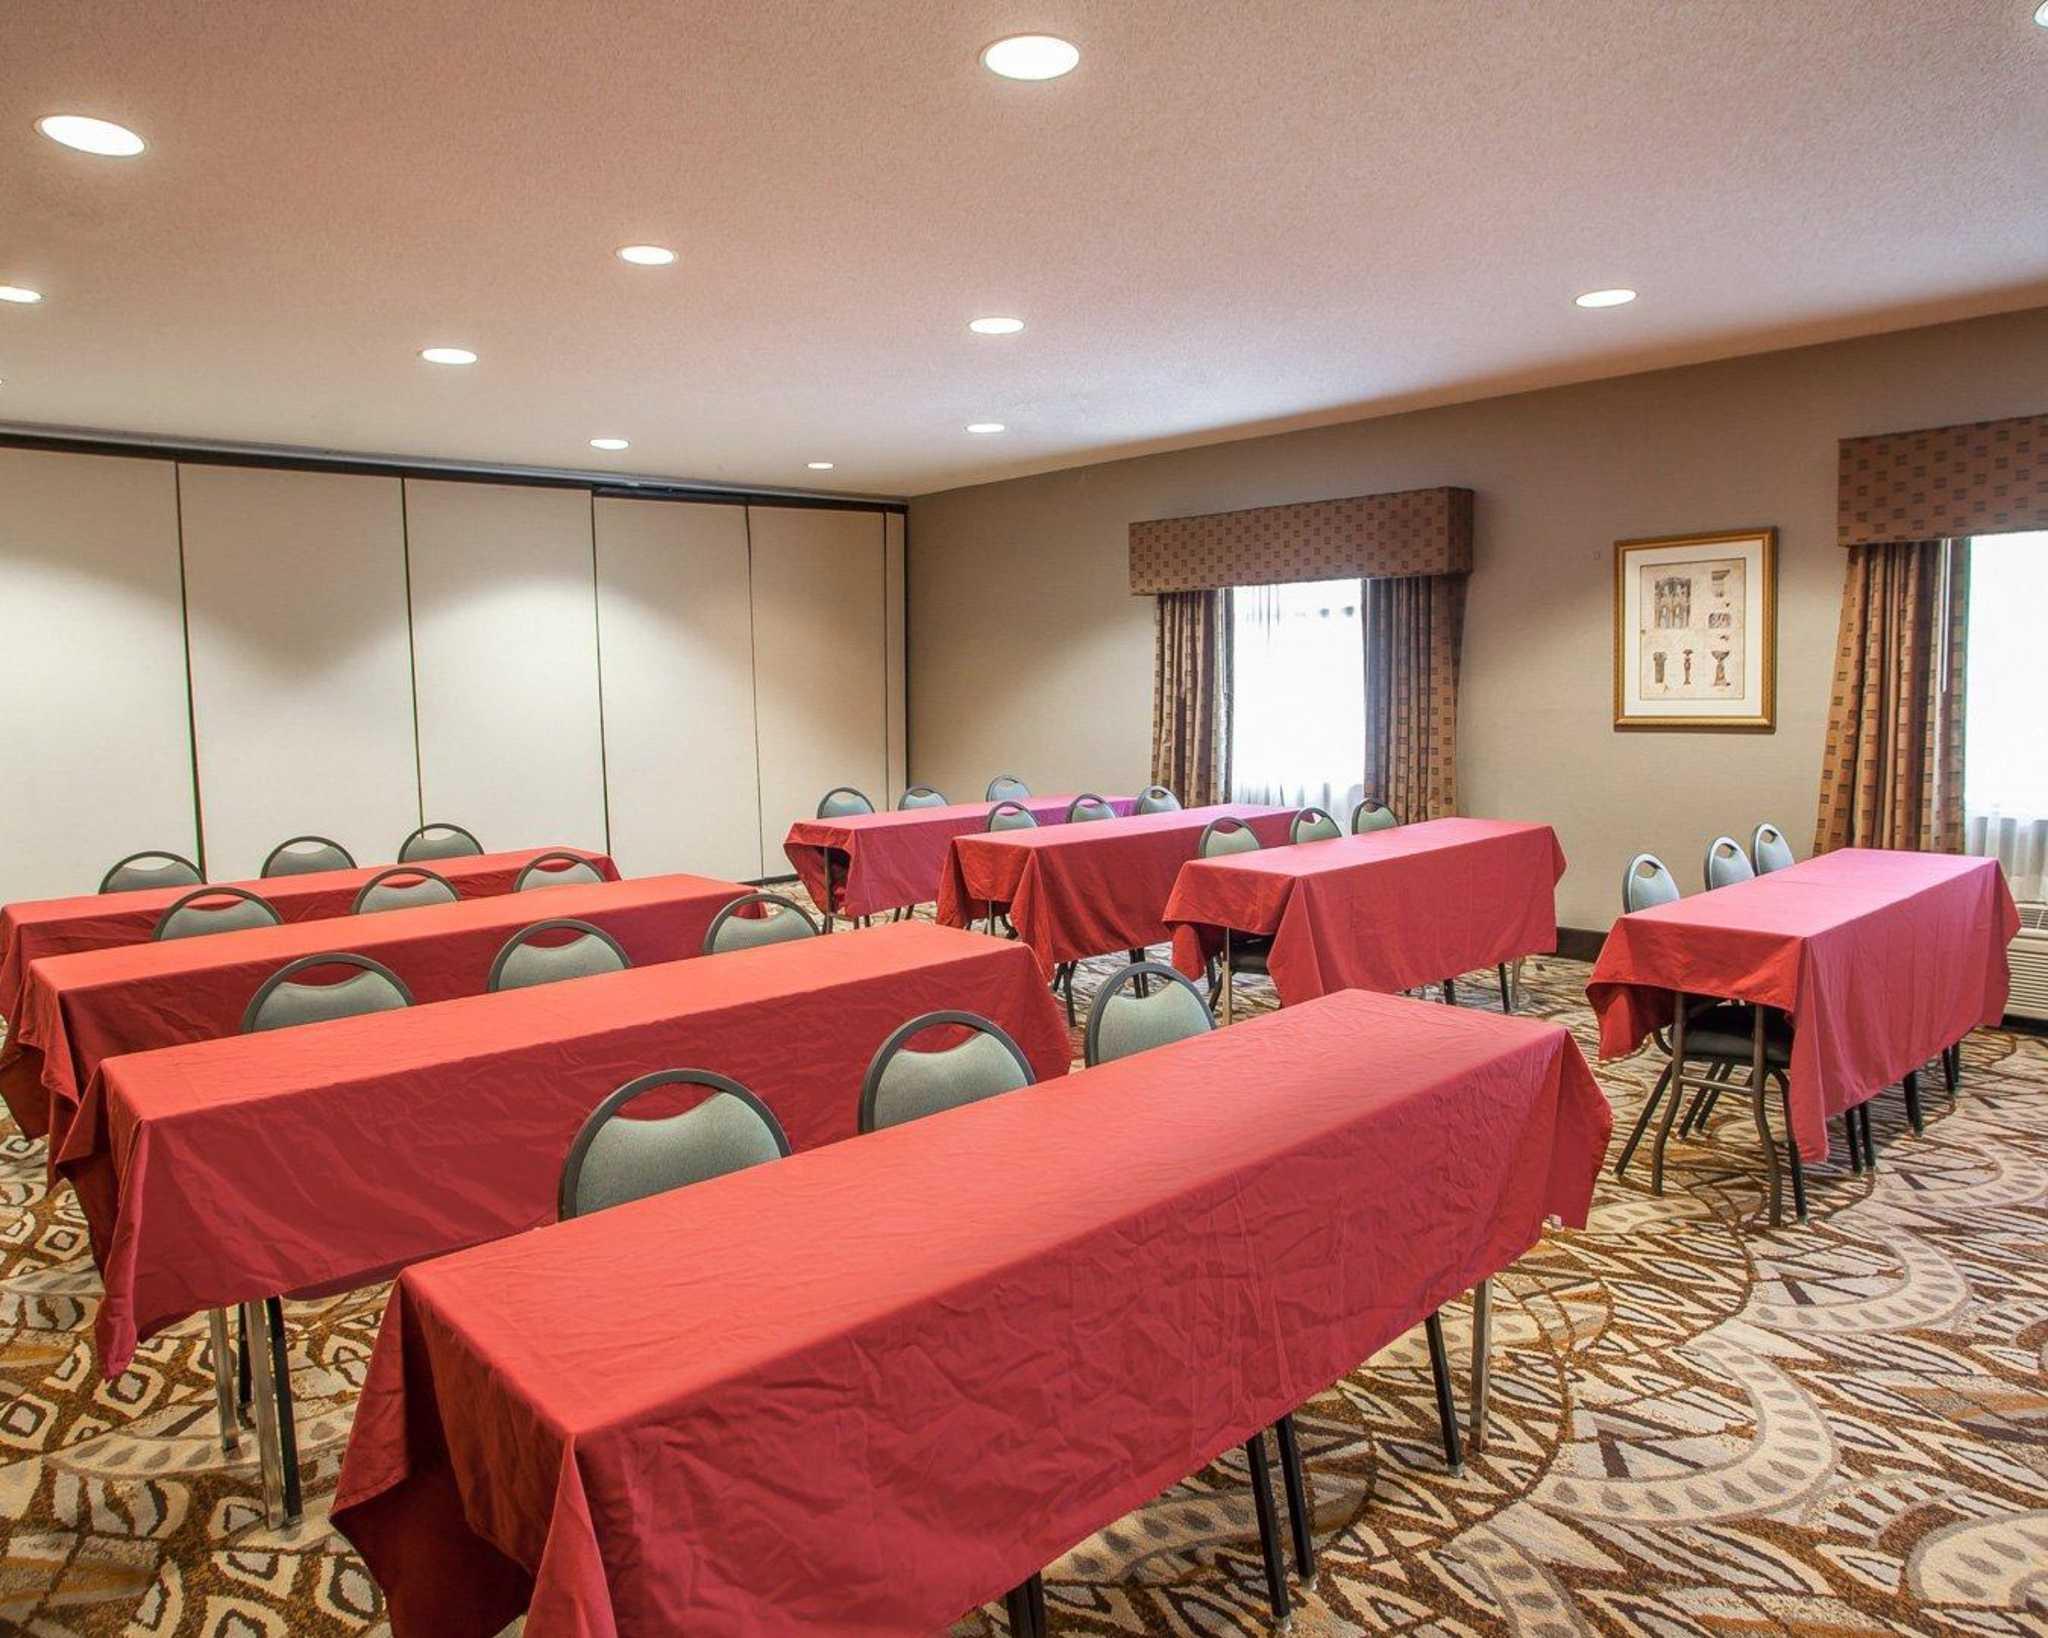 Comfort Inn Amp Suites Lees Summit Kansas City Lees Summit